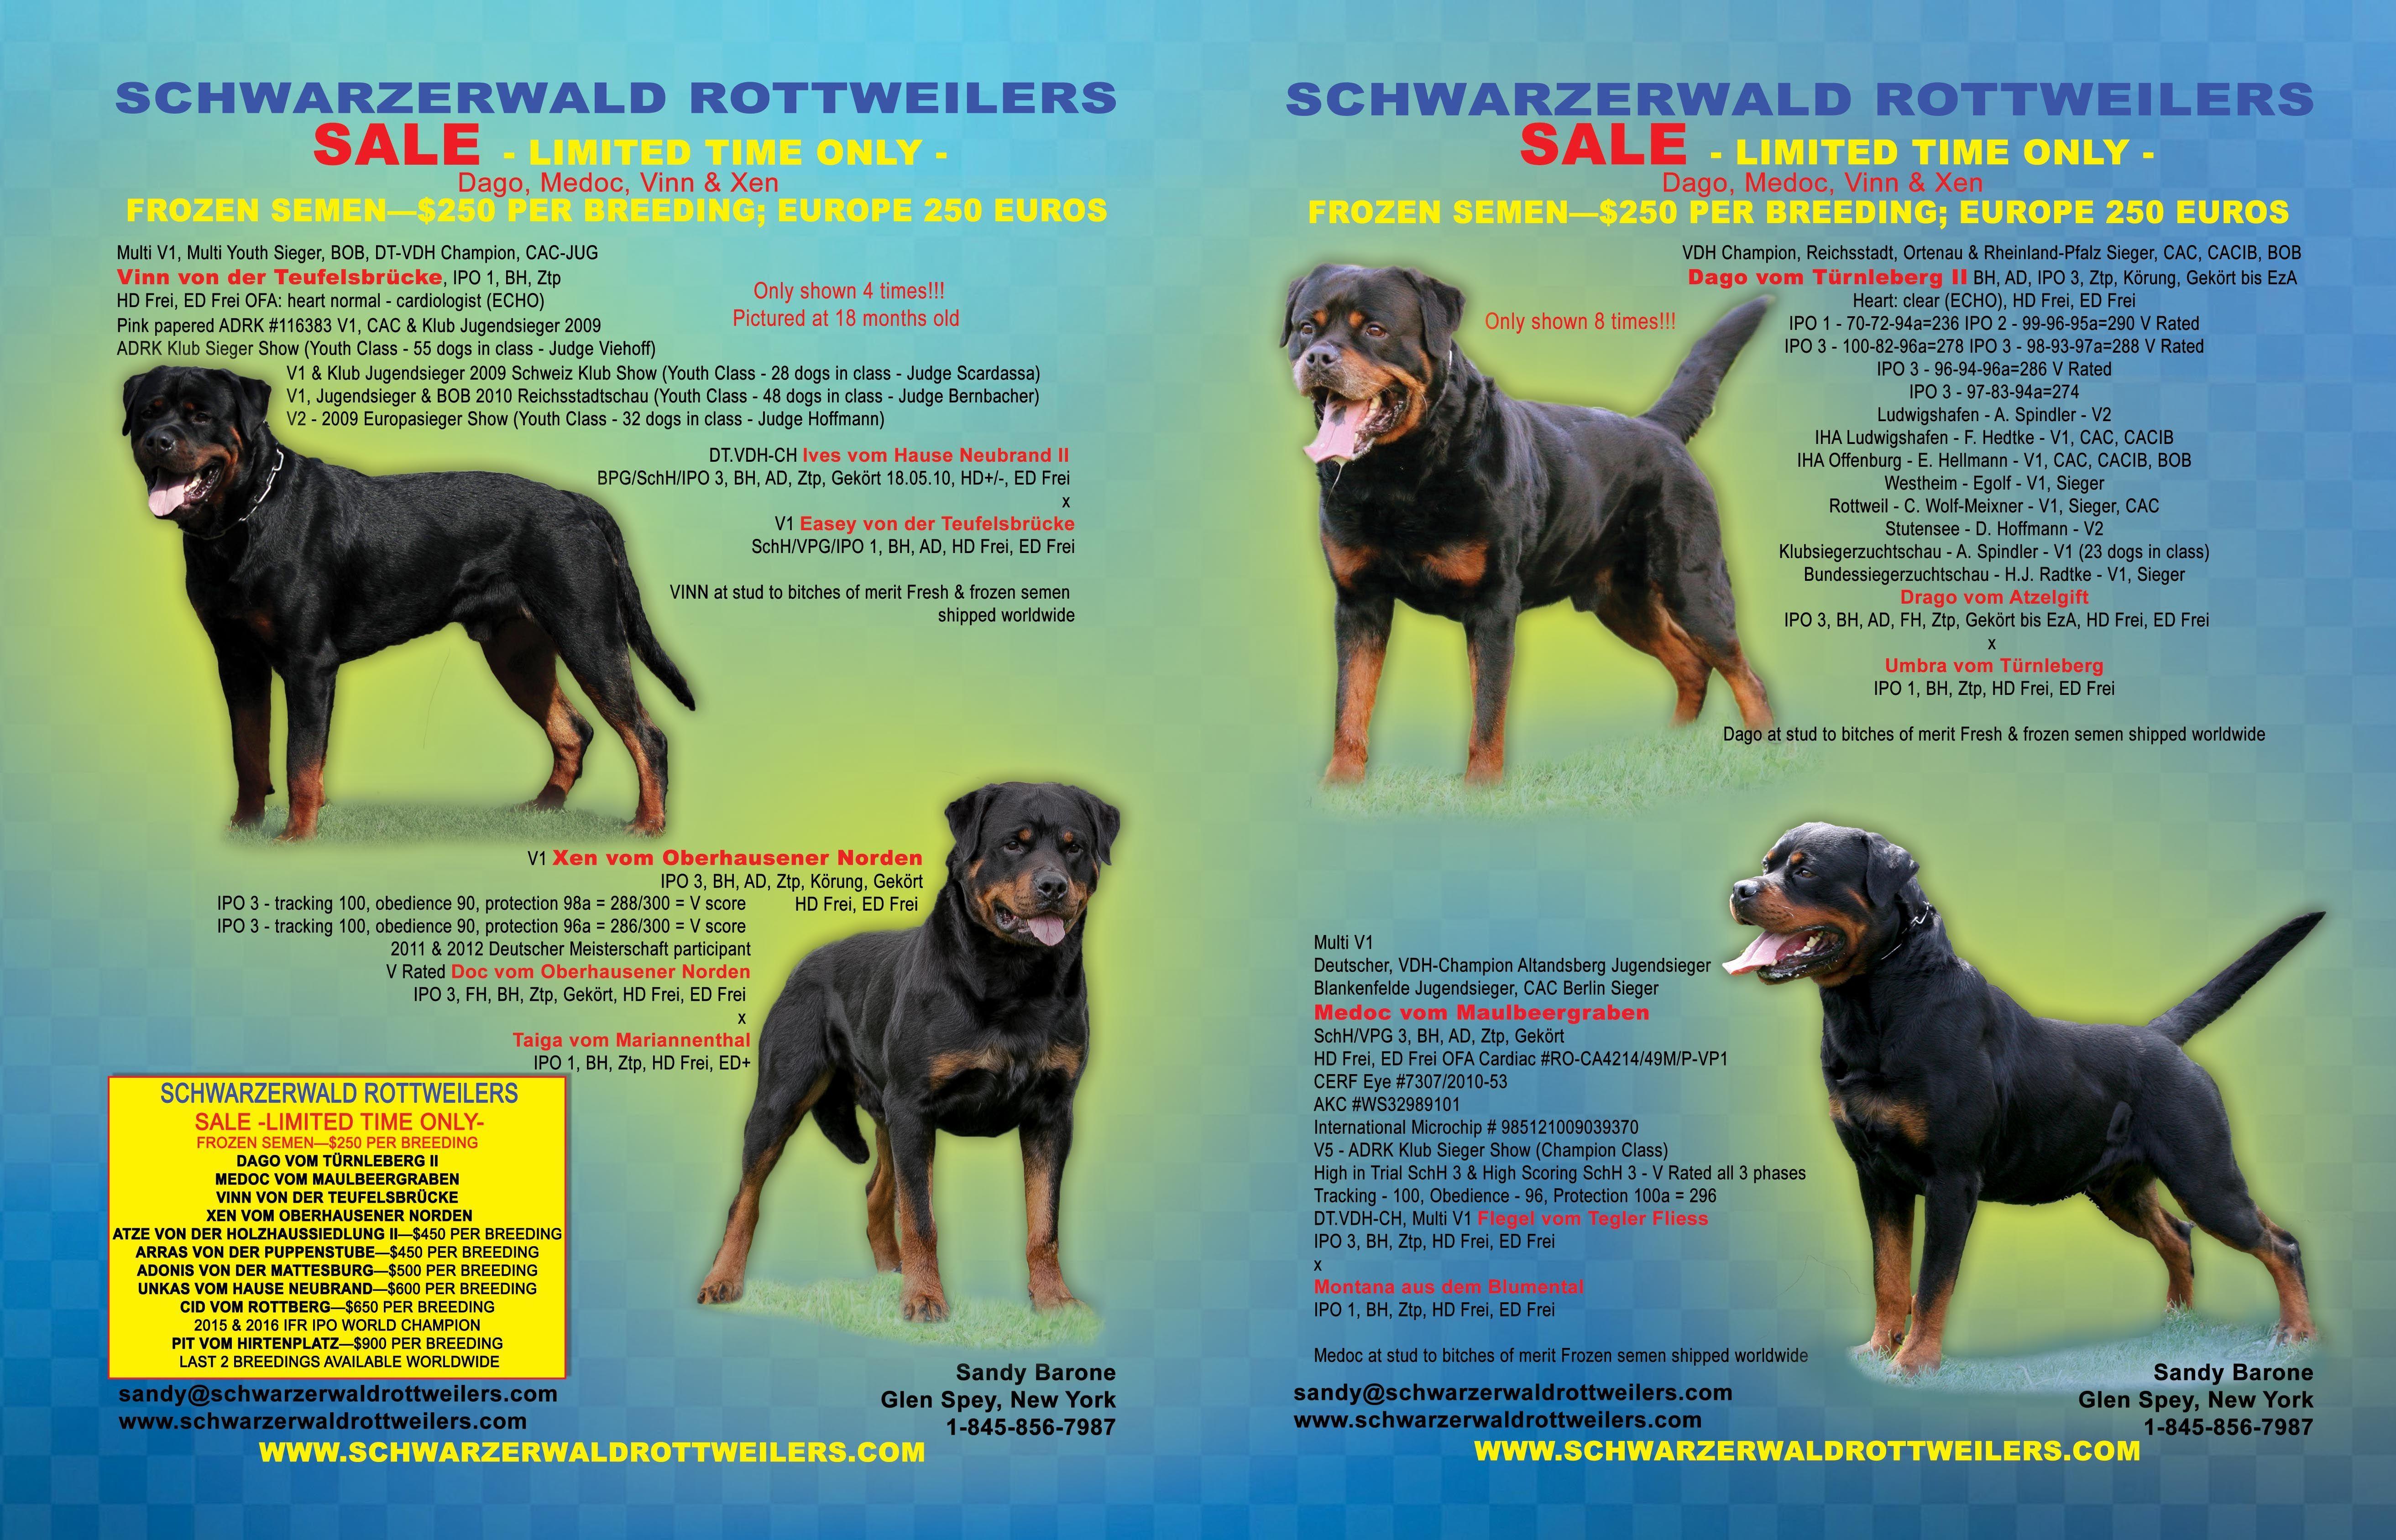 Schwarzerwald Rottweilers Sandy Barone Glen Spey New York 917 681 6511 Sandy Schwarzerwaldrottweilers Com Www Schwarzerwaldr Rottweiler Love Rottweiler Norden